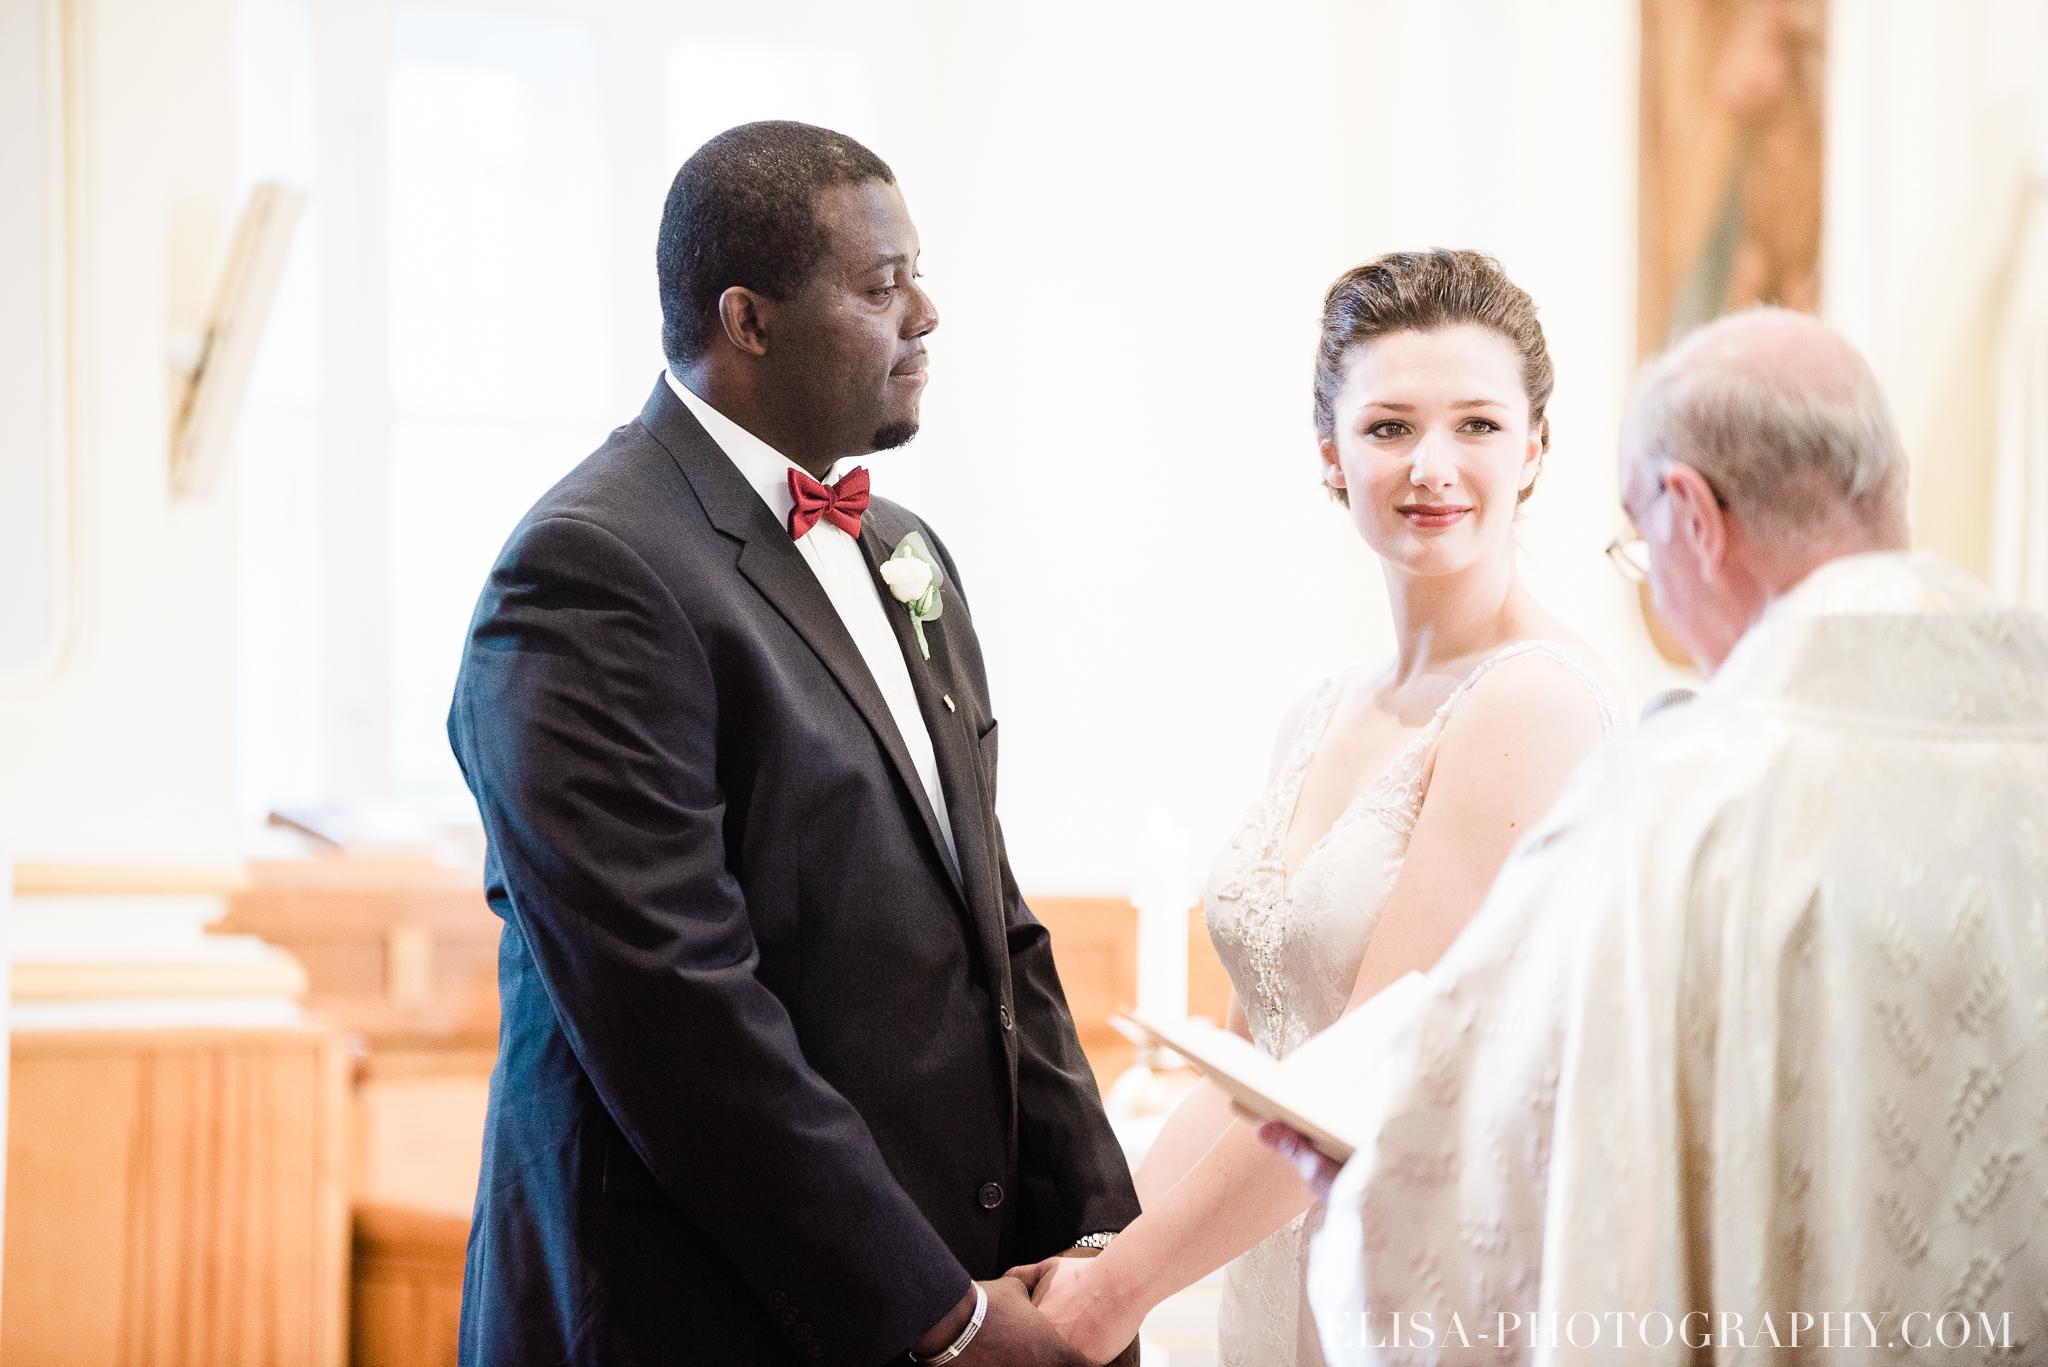 photo mariage ville quebec automne ceremonie eglise de cap rouge 7522 - Mariage au Golf de Cap-Rouge, ville de Québec: Stéphanie & William